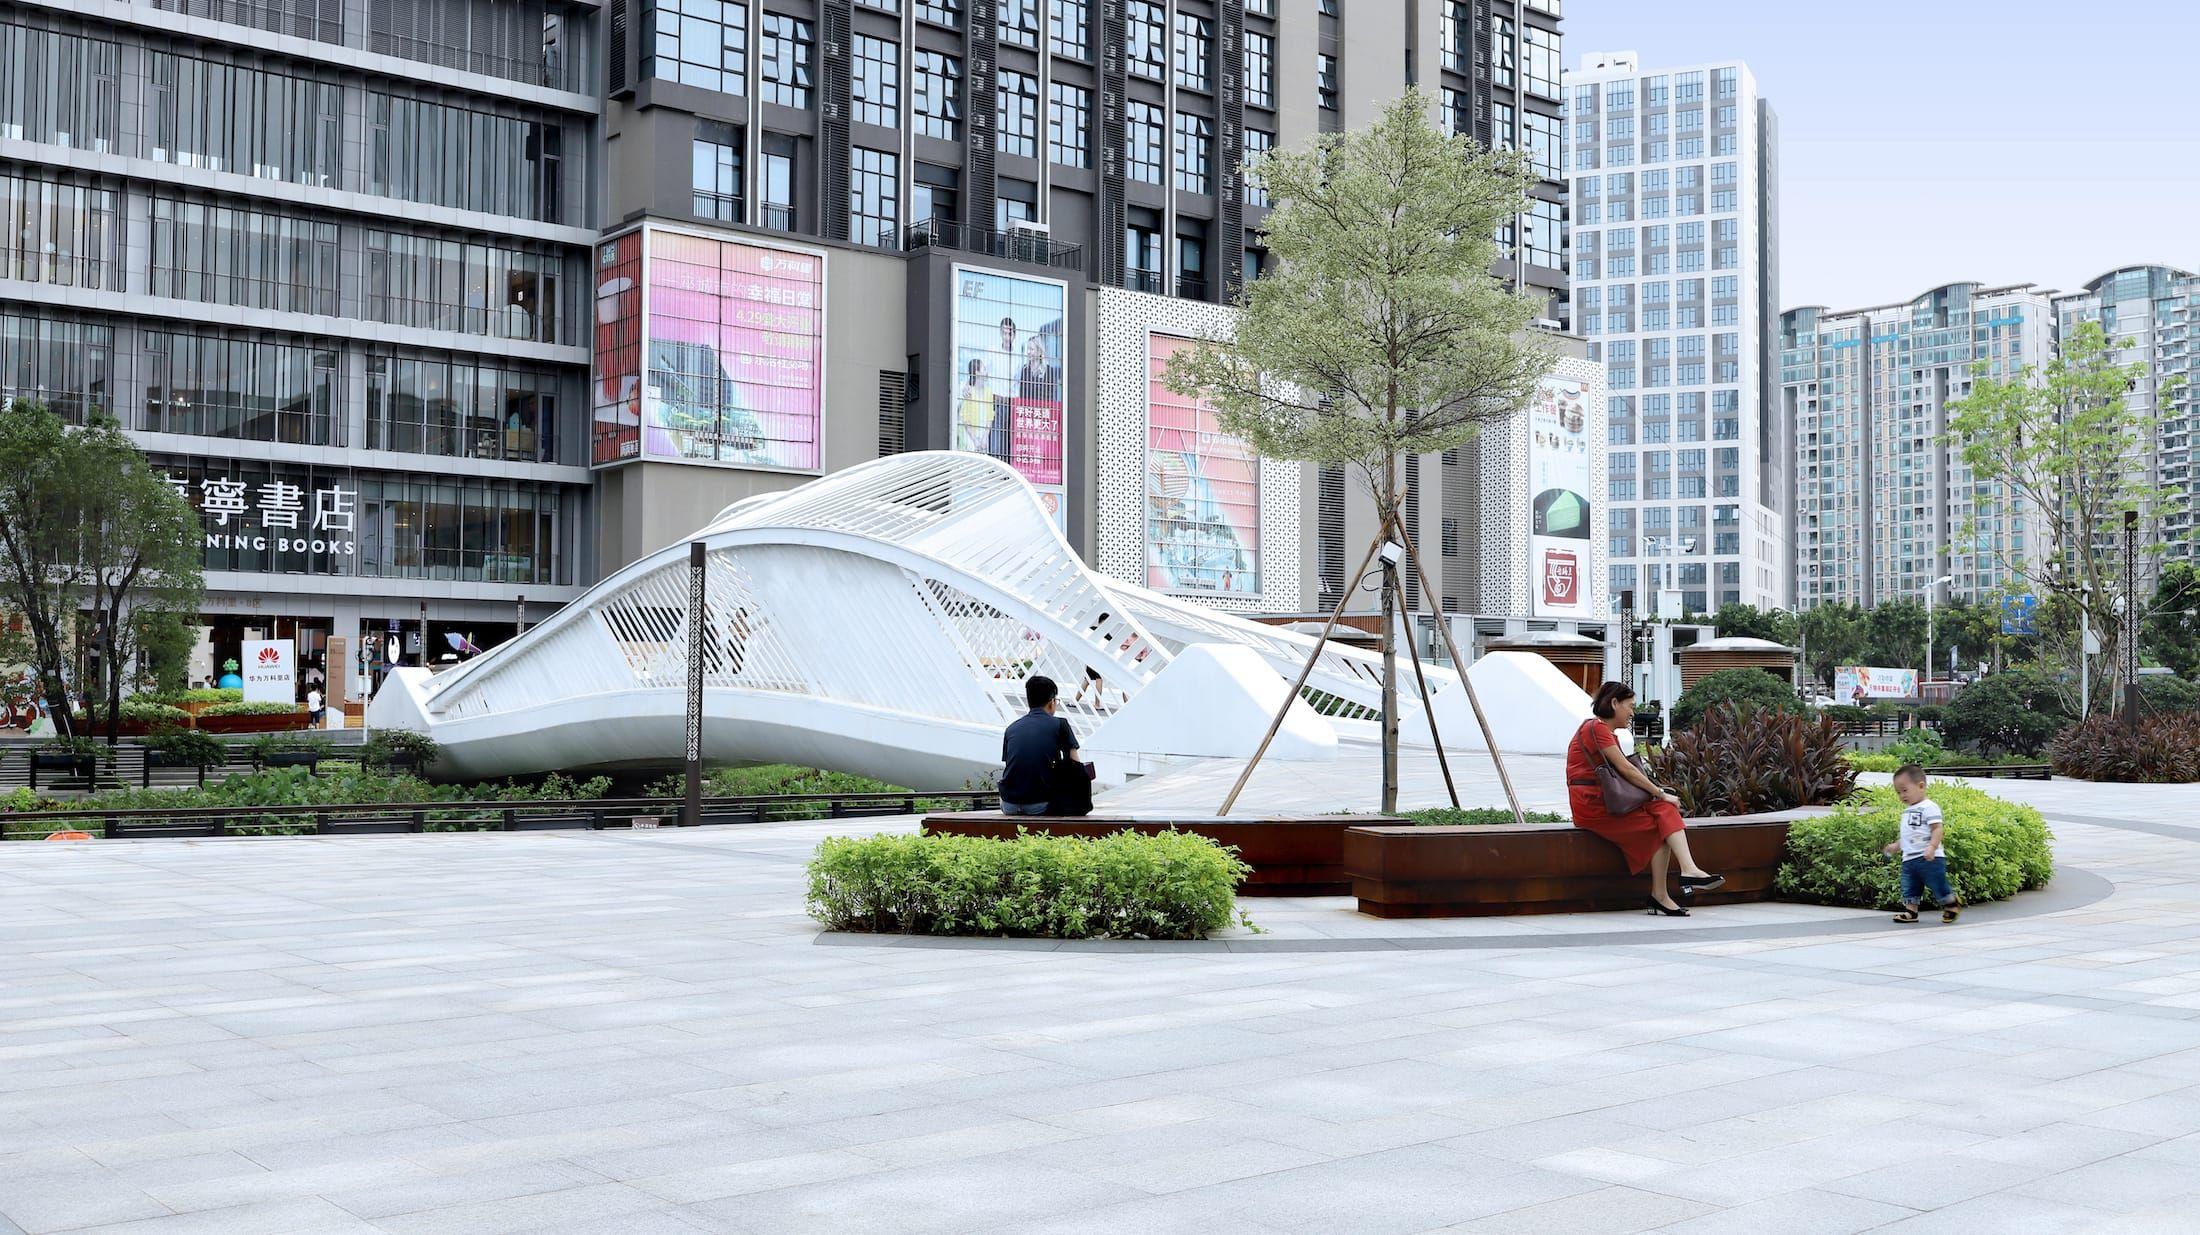 基盛万科中央公园 黑白灰建筑空间摄影 panyu central park outdoor decor